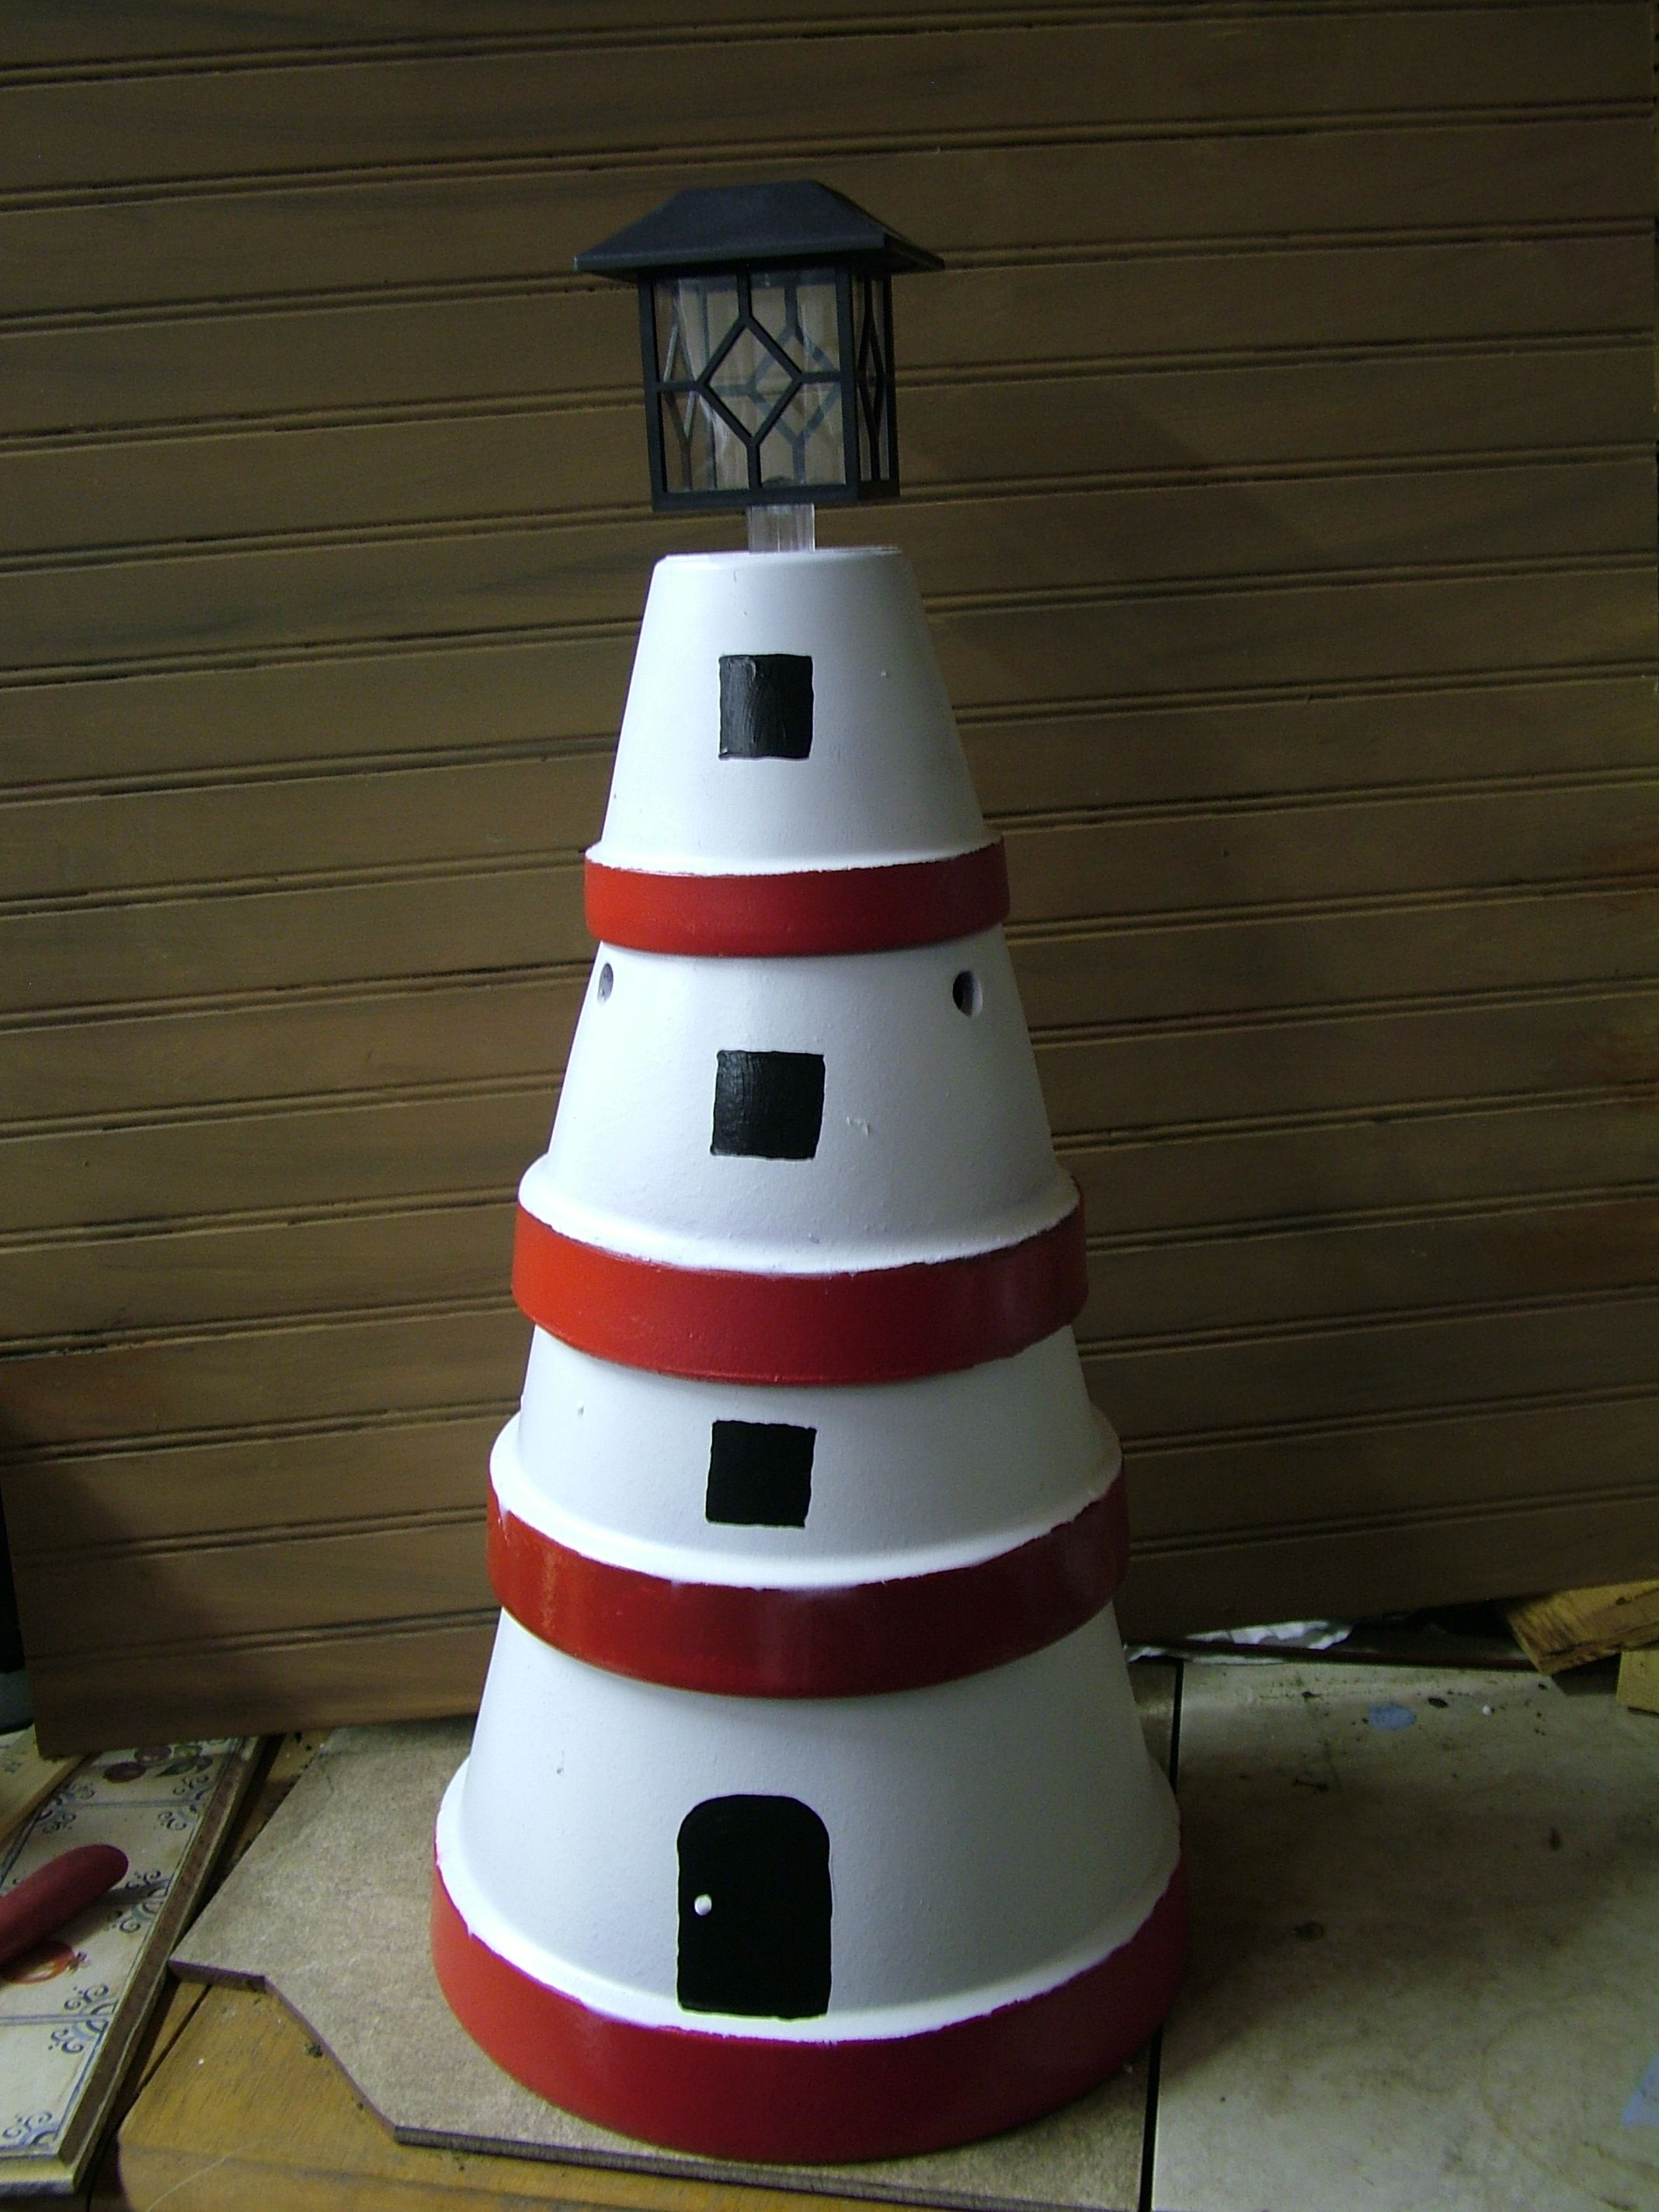 Homemade Solar Lights Diy Clay Pot Lighthouse With Solar Light Team Lali Diys